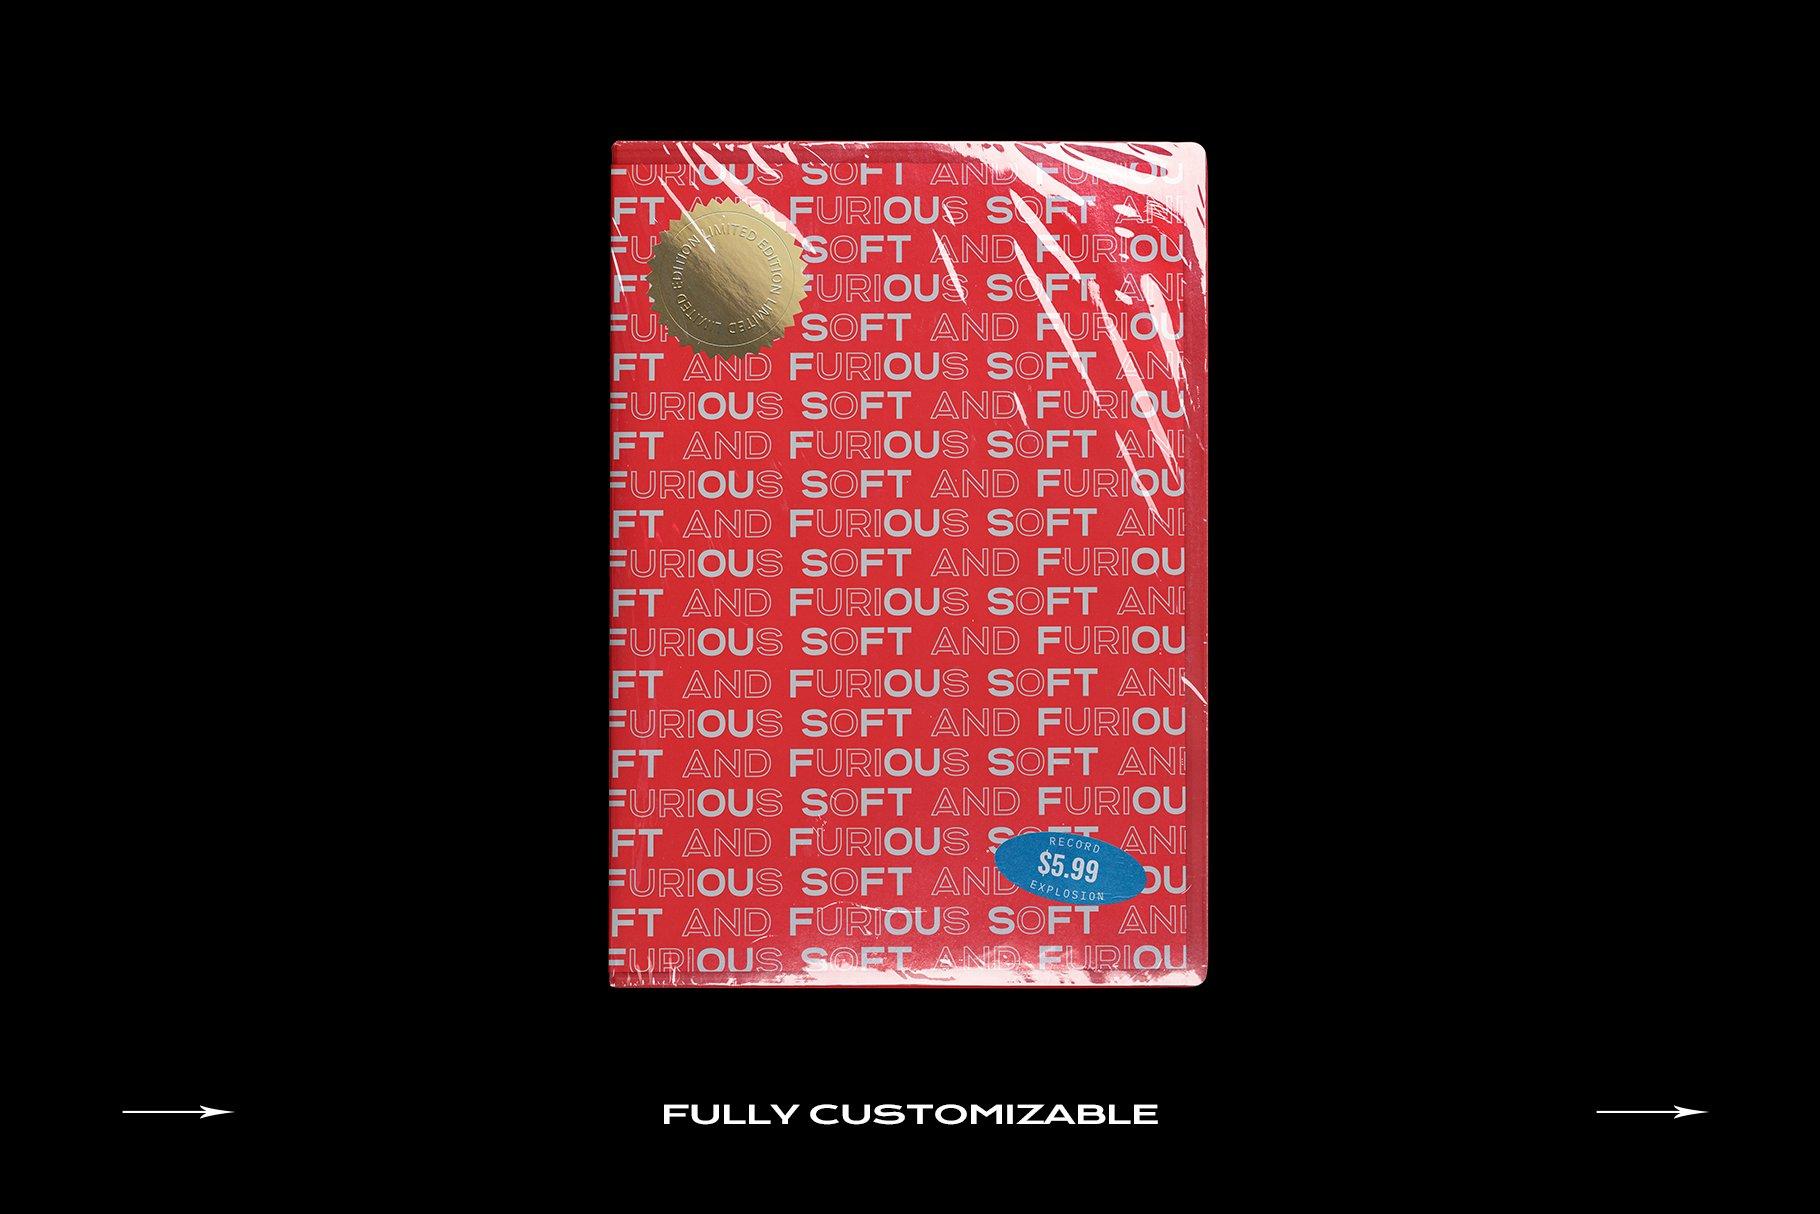 [淘宝购买] 60个DVD光盘包装盒塑料袋塑料膜贴纸样机PS设计素材 DVD Case Mockup Template Bundle Disc插图(12)